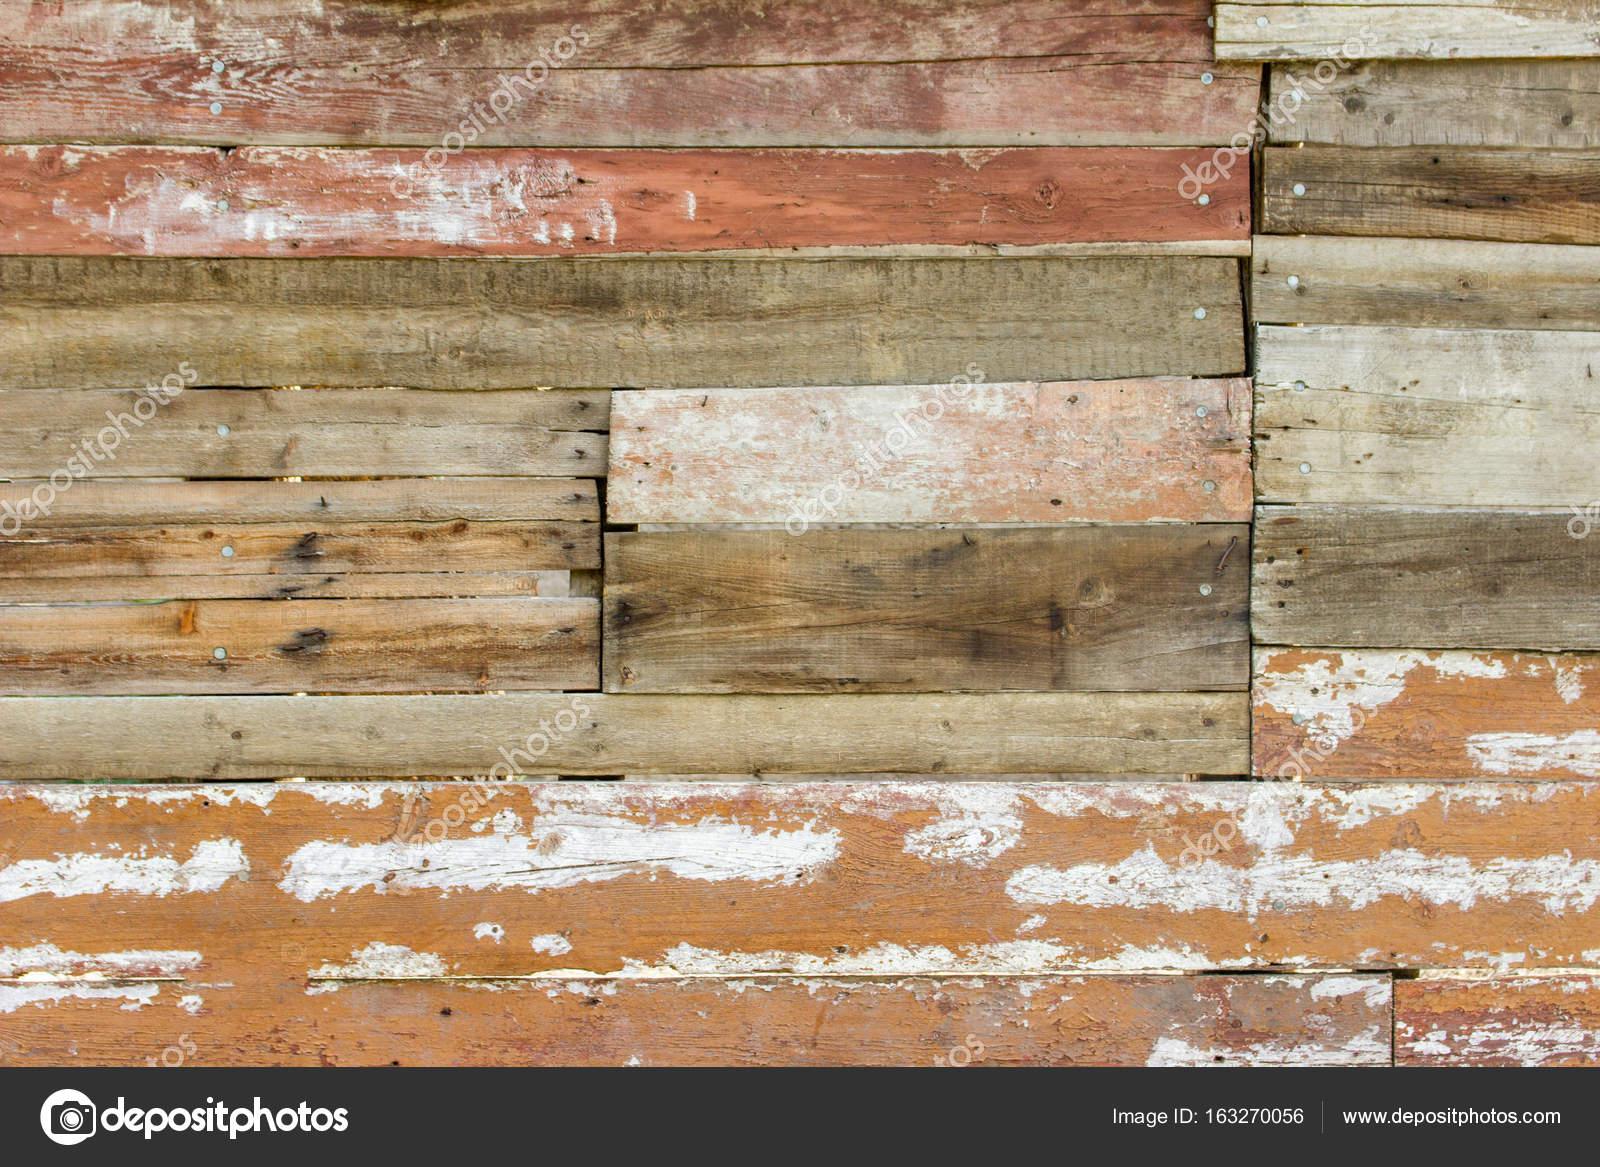 holz-paneelwand farbhintergrund und textur — stockfoto © snegok1967